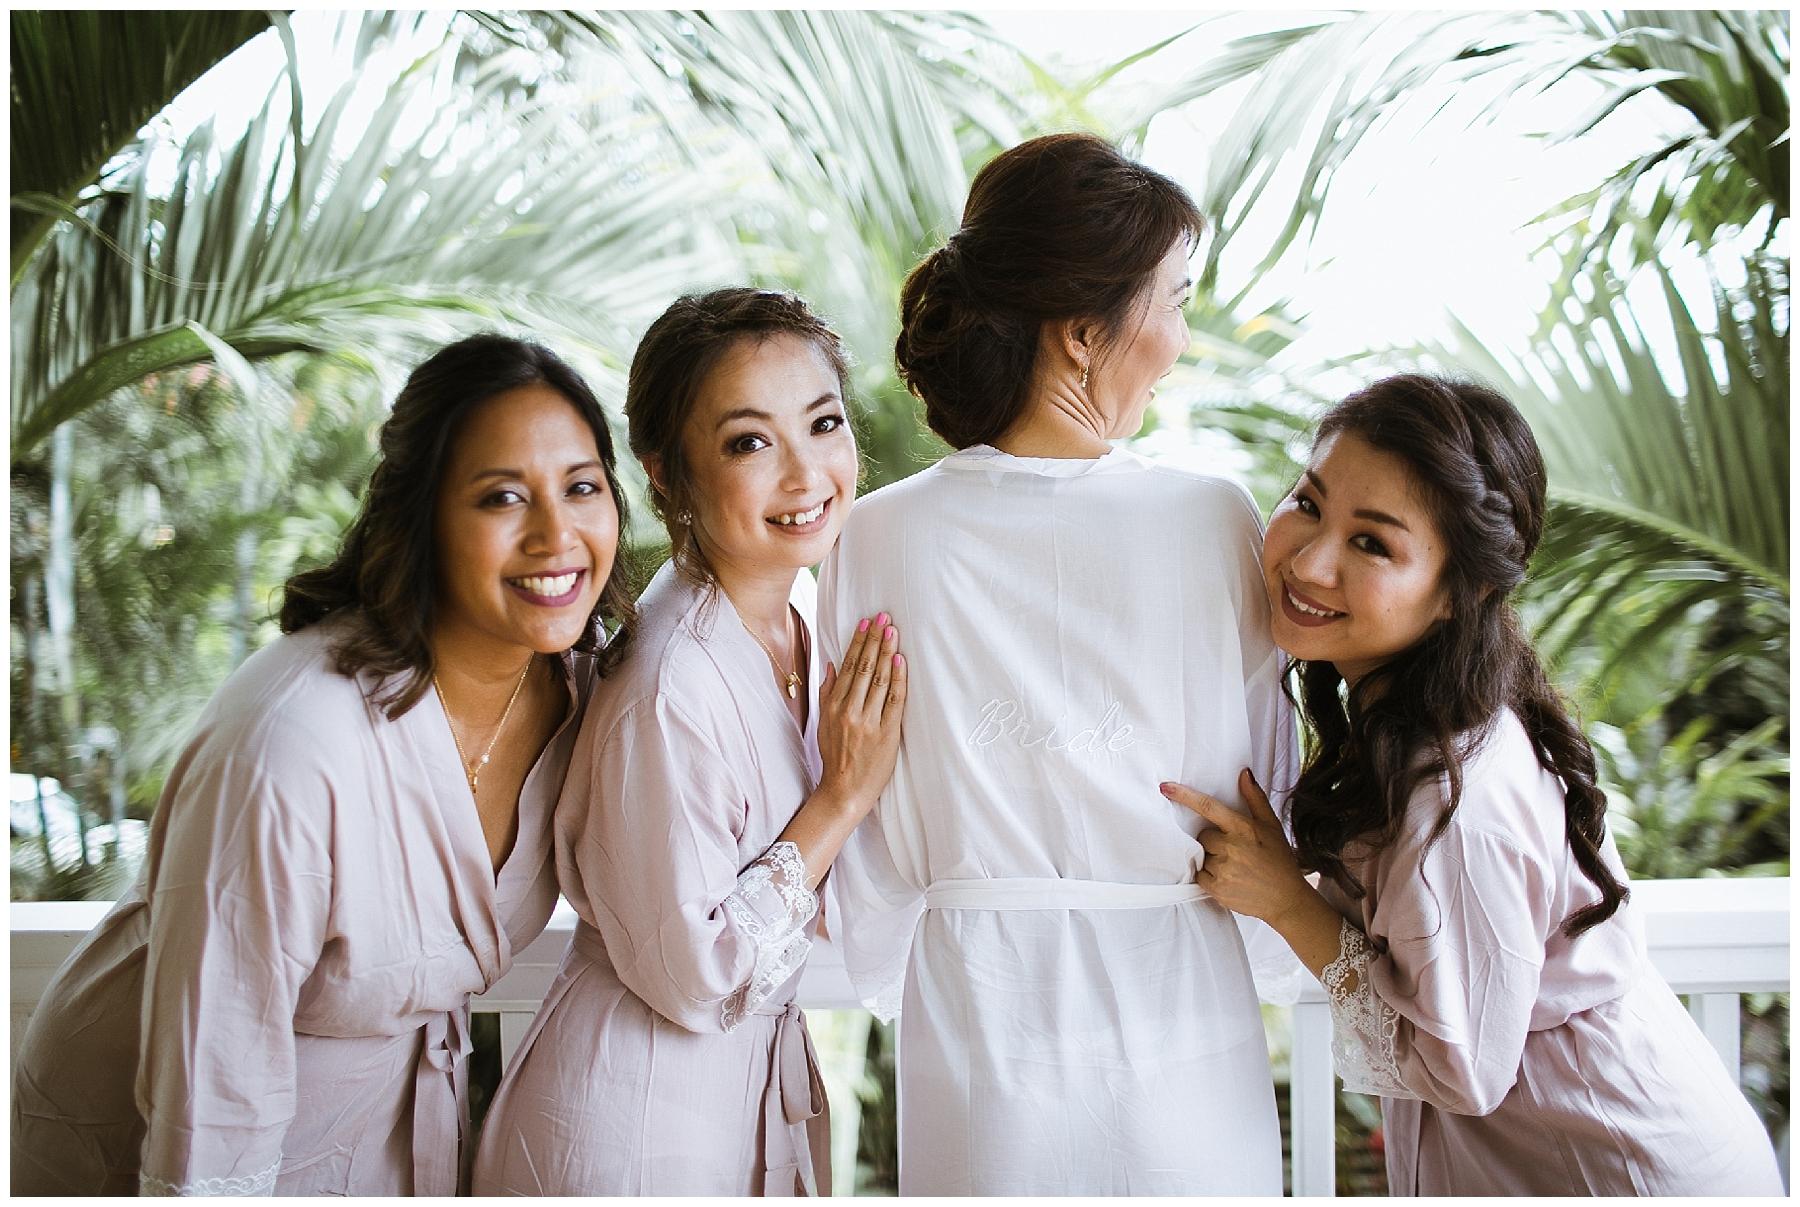 Bliss in Bloom Kailua Kona Hawaii Wedding Event Coordination_0054.jpg